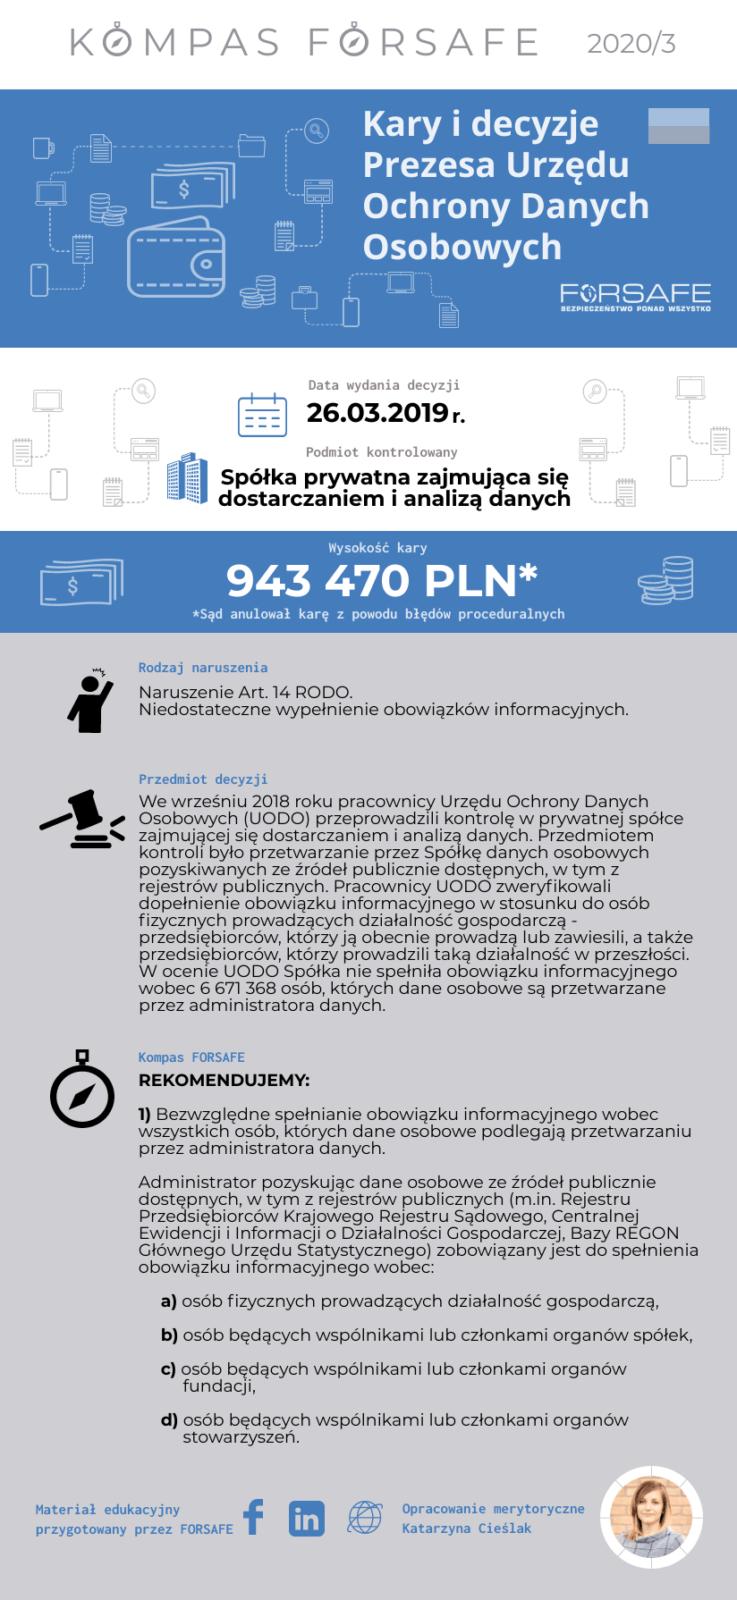 kompas forsafe pl 2020 3 KOMPAS FORSAFE PL 2020/3 - kara dla prywatnej spółki zajmującej się dostarczaniem i analizą danych